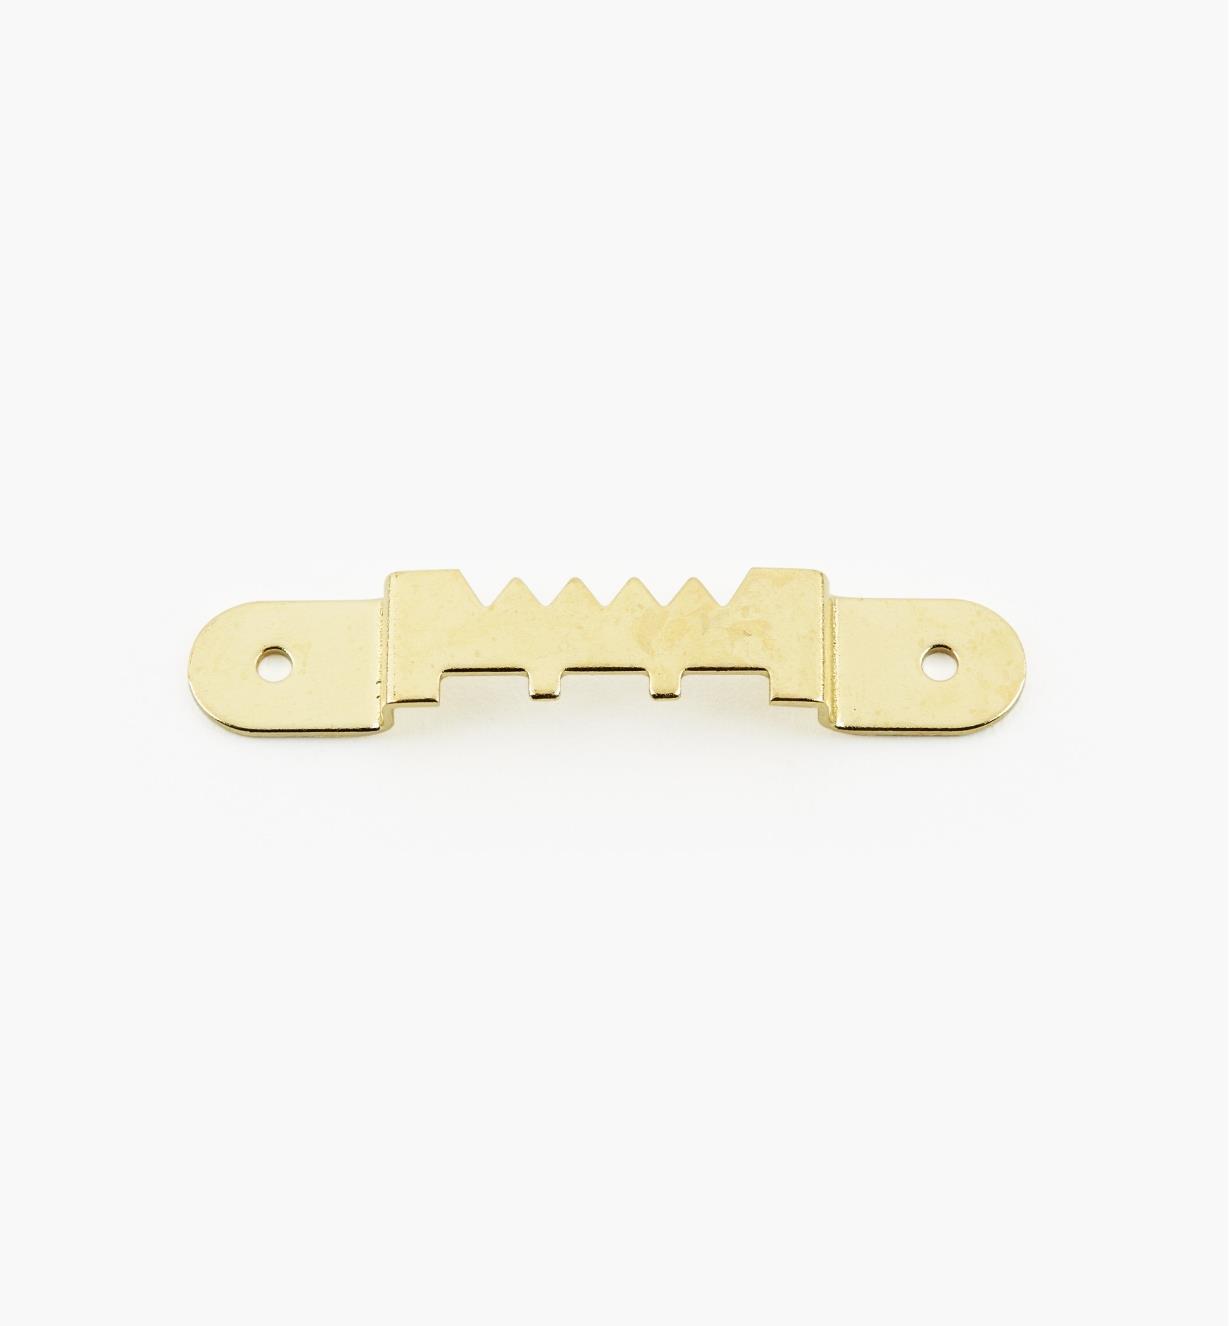 00H0705 - Crochets de nivelage pour cadre, 5/16 po x 1 3/4 po, le paquet de 100